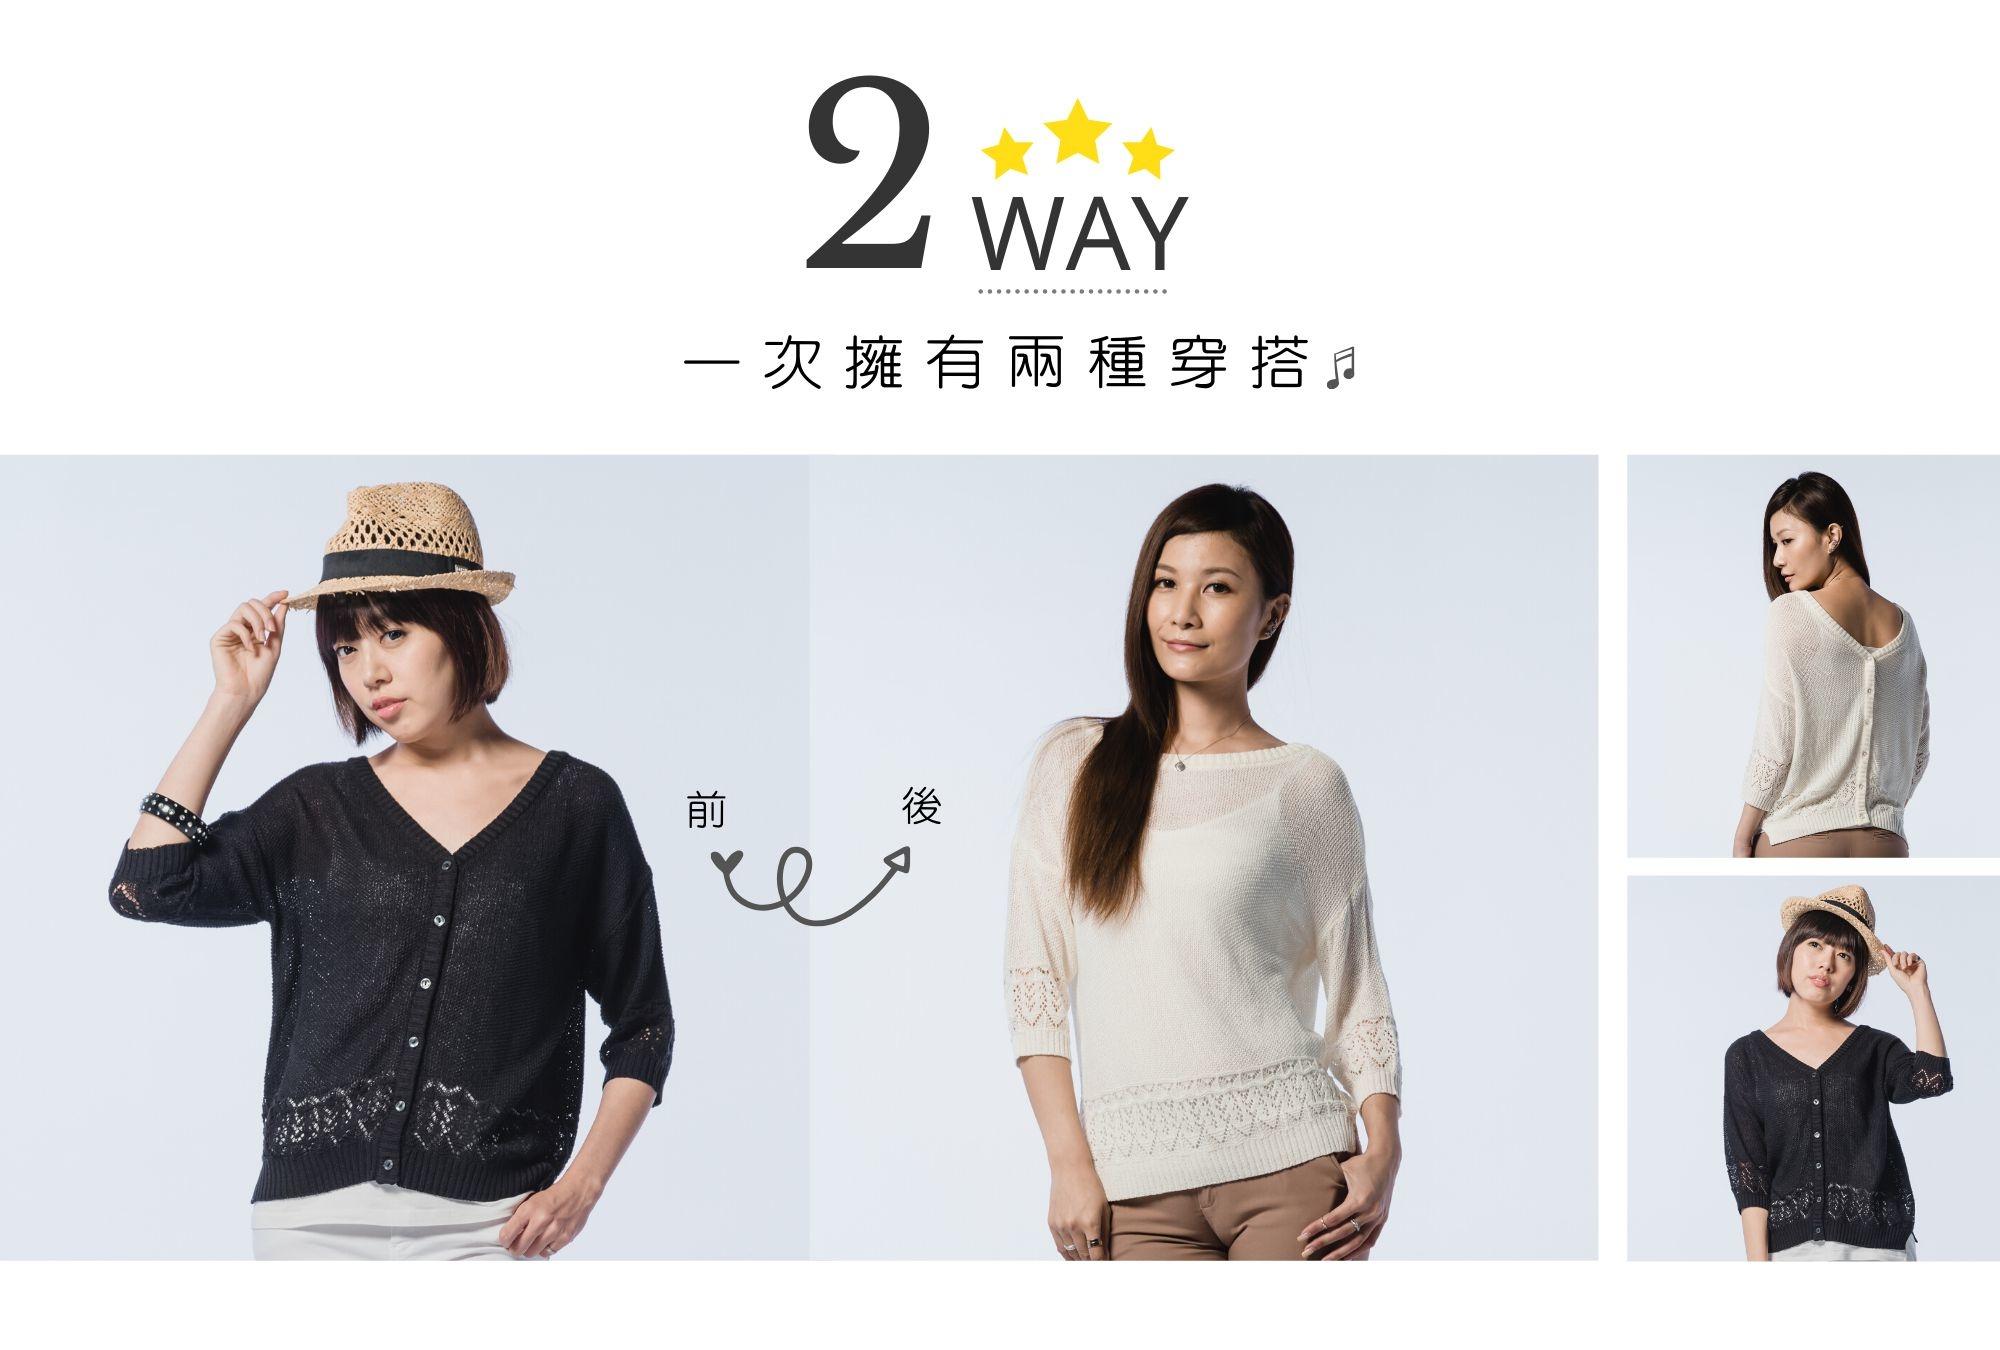 針織外套與針織上衣兩穿式設計(Two Way Design)台灣製衣服